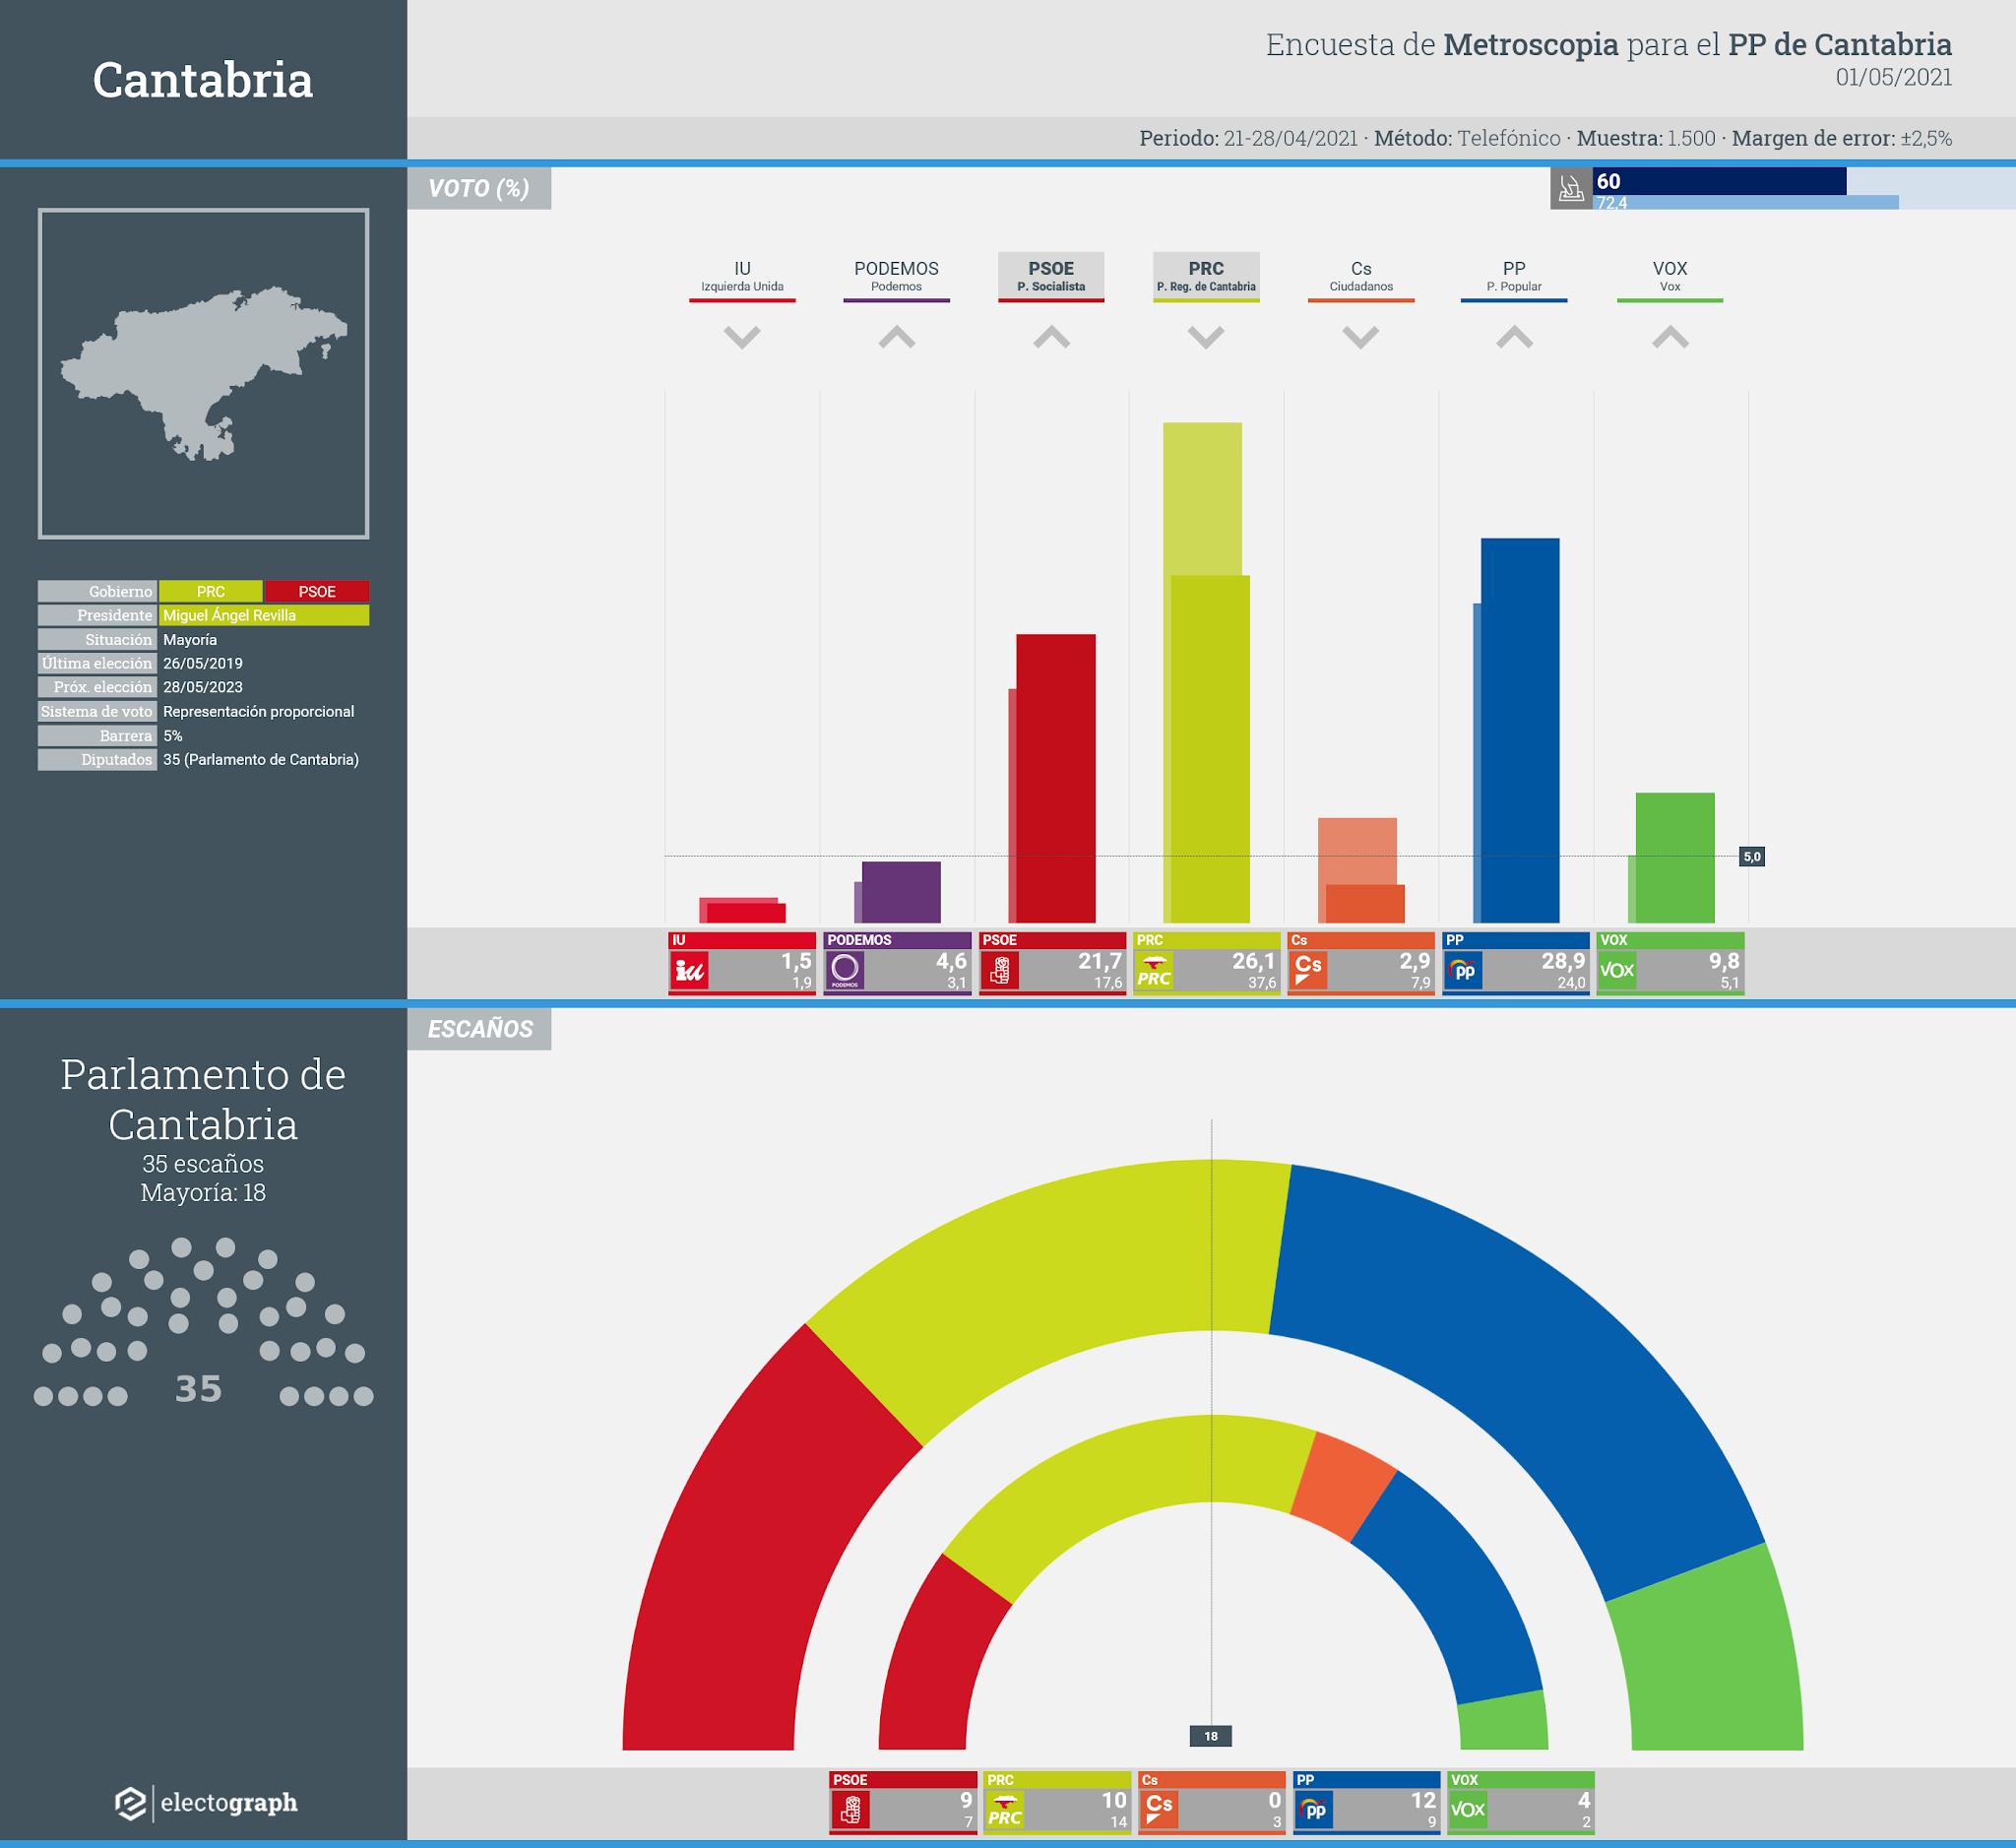 Gráfico de la encuesta para elecciones autonómicas en Cantabria realizada por Metroscopia para el PP de Cantabria, 1 de mayo de 2021